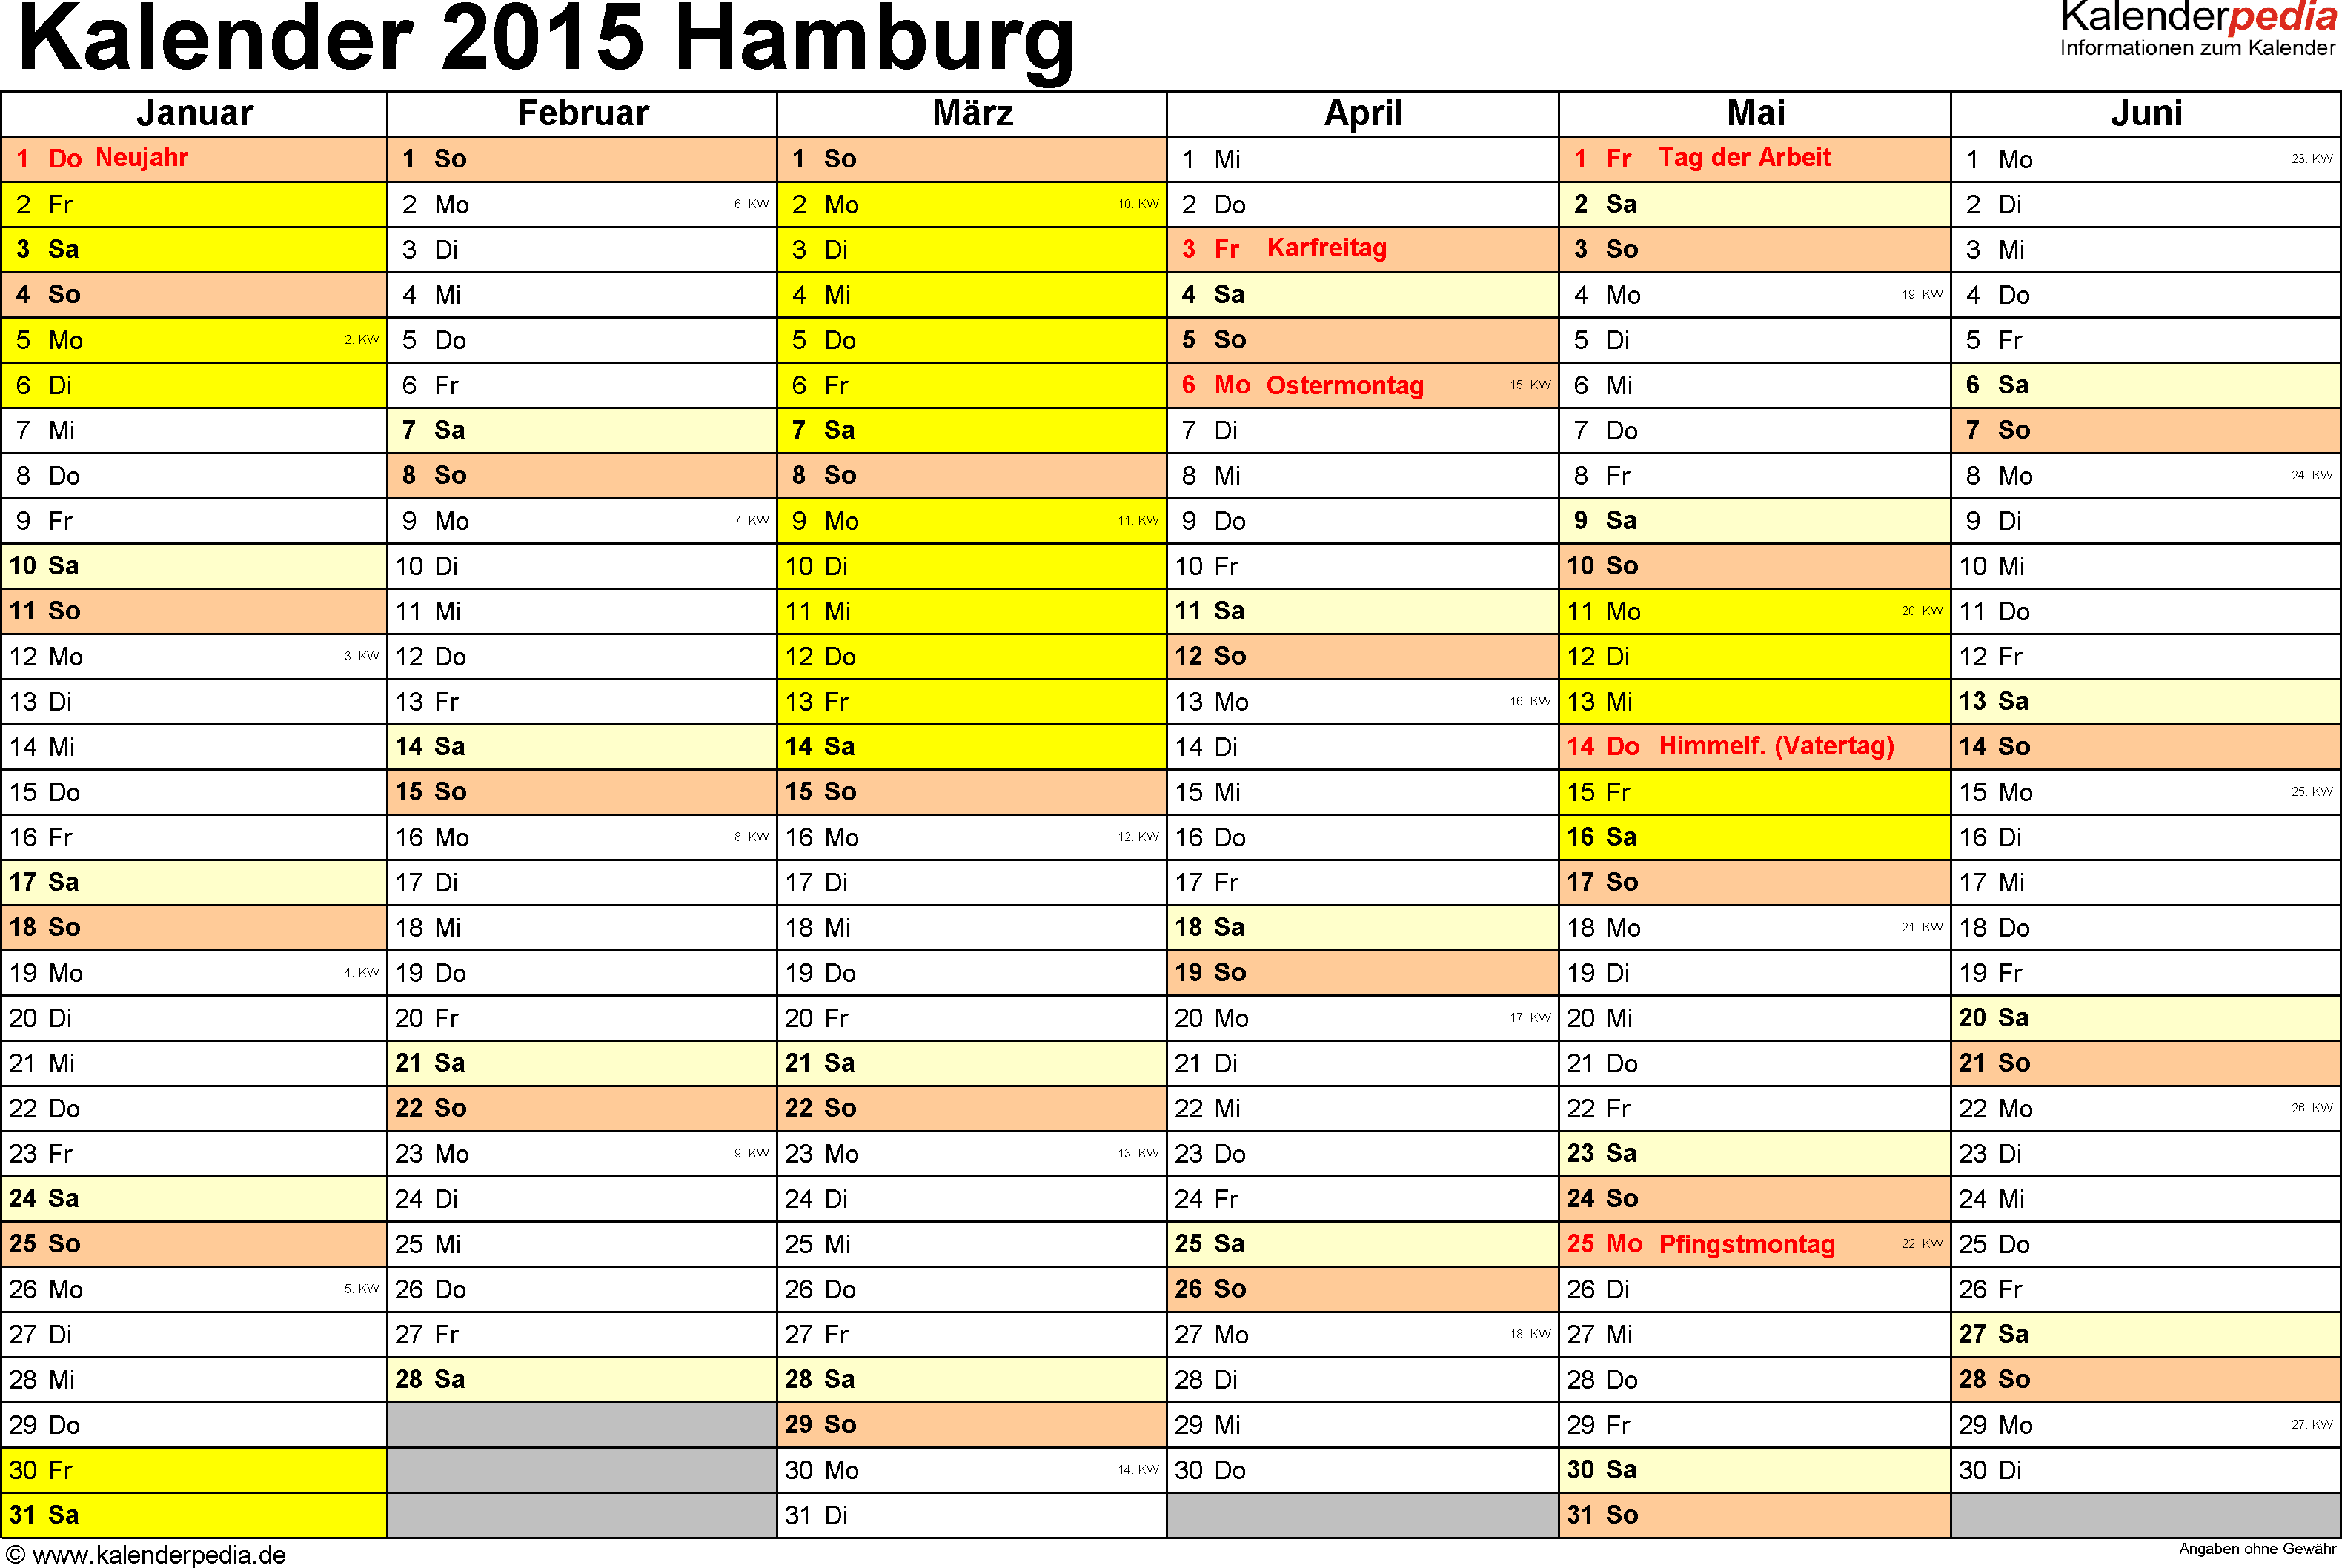 Vorlage 2: Kalender 2015 für Hamburg als Excel-Vorlage (Querformat, 2 Seiten)